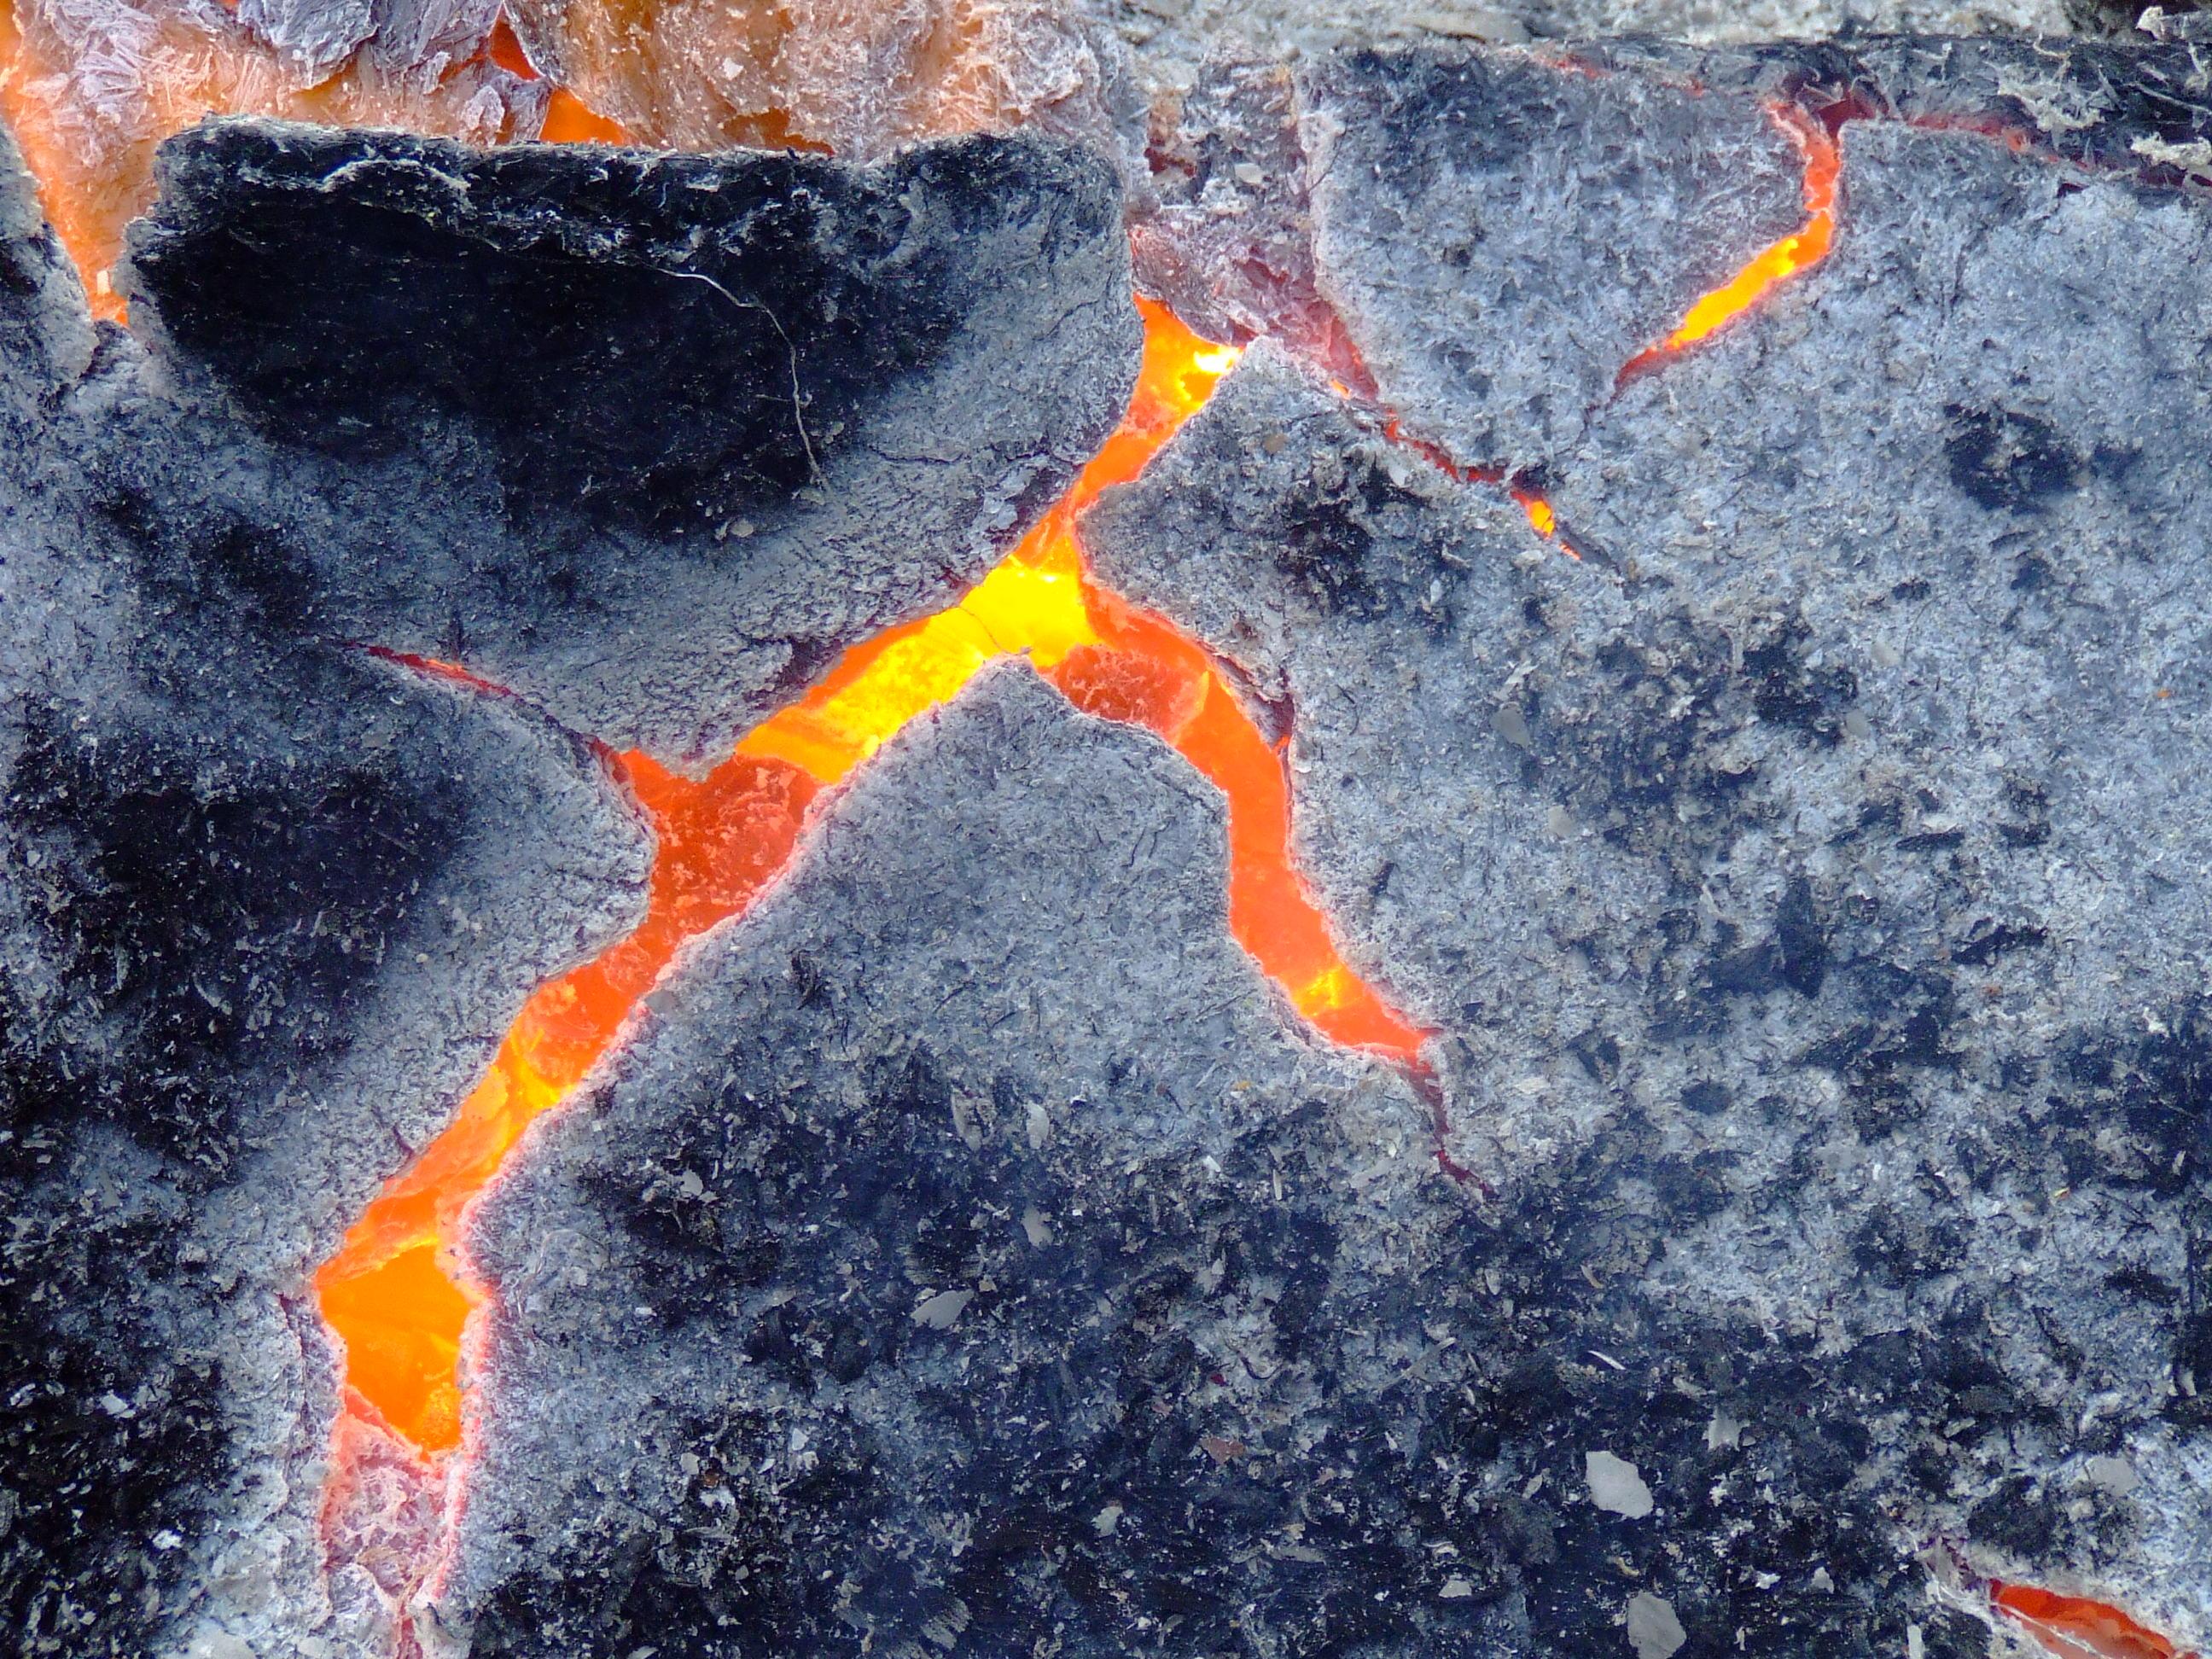 DS: Fire Texture 2